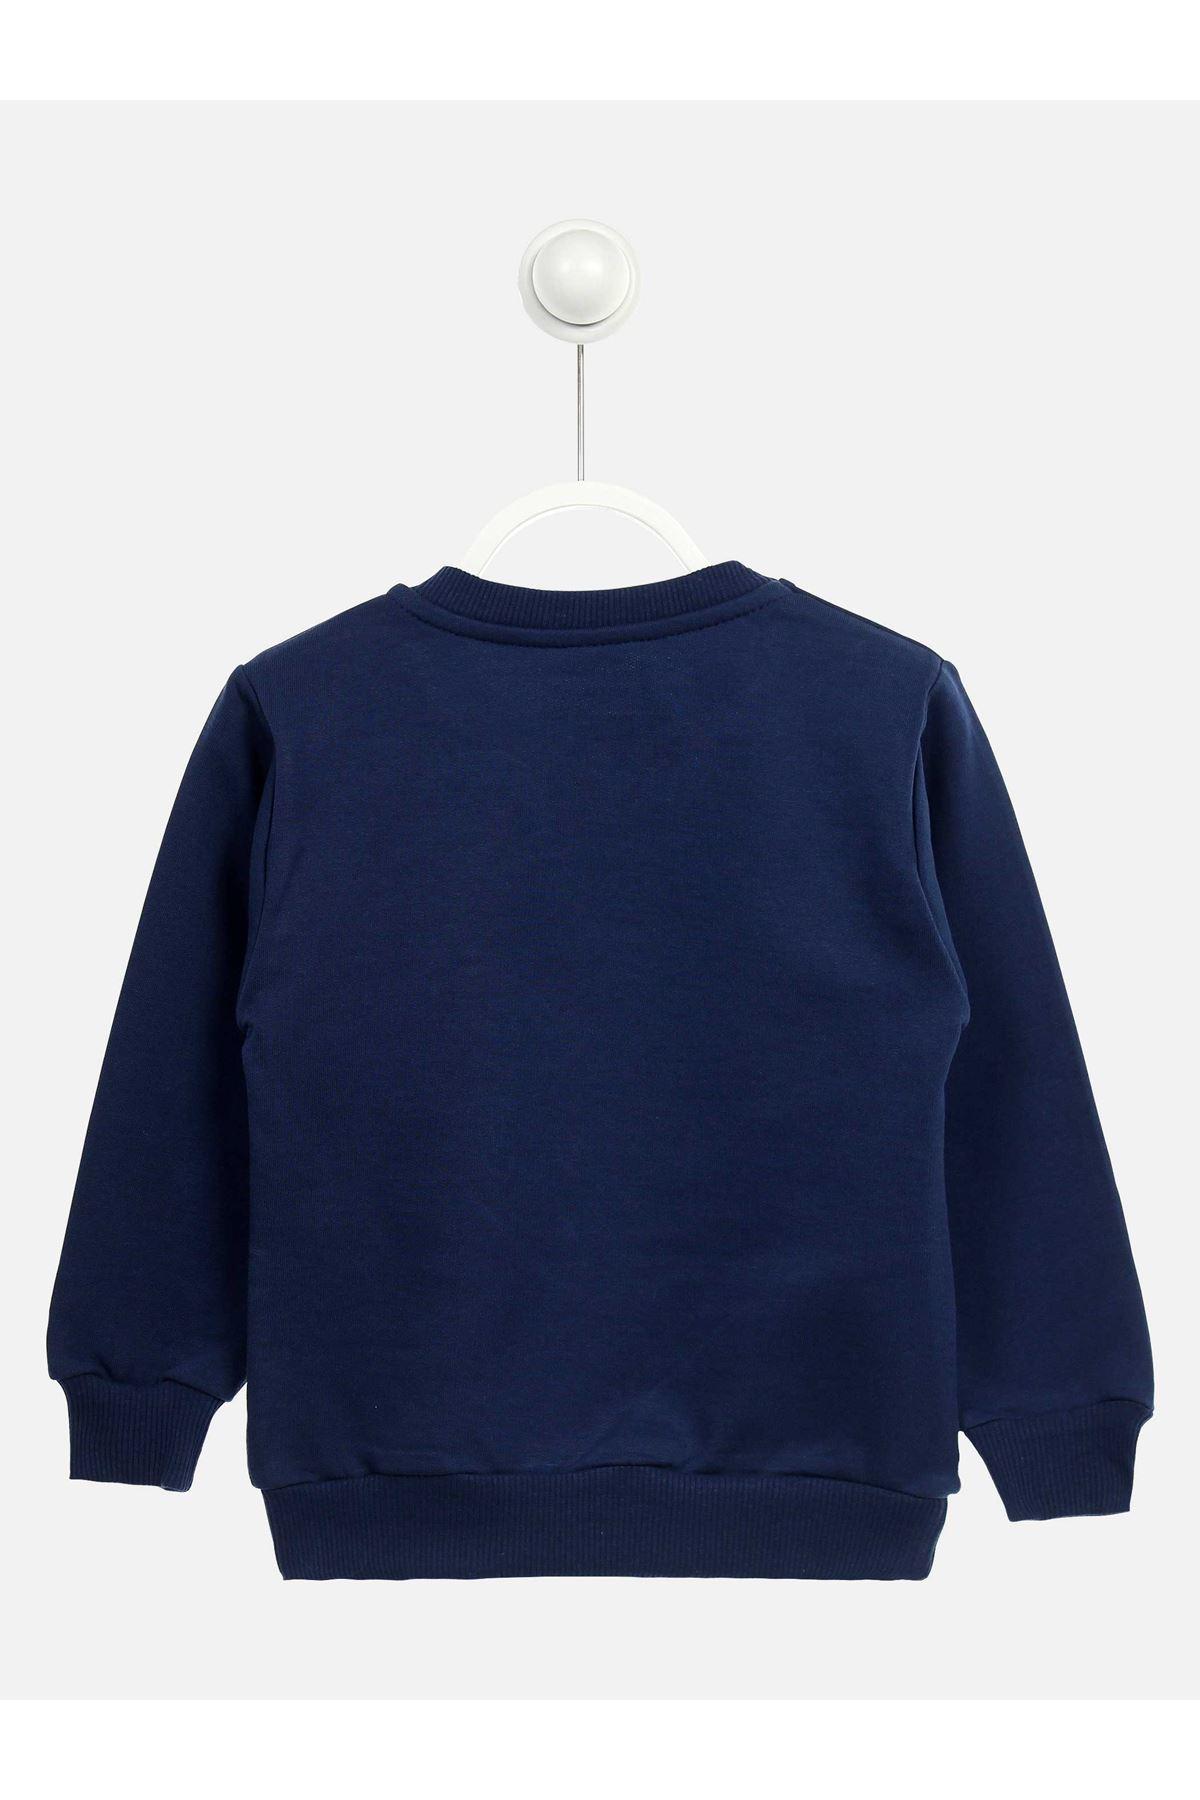 Indigo Seasonal Male Child Sweatshirt